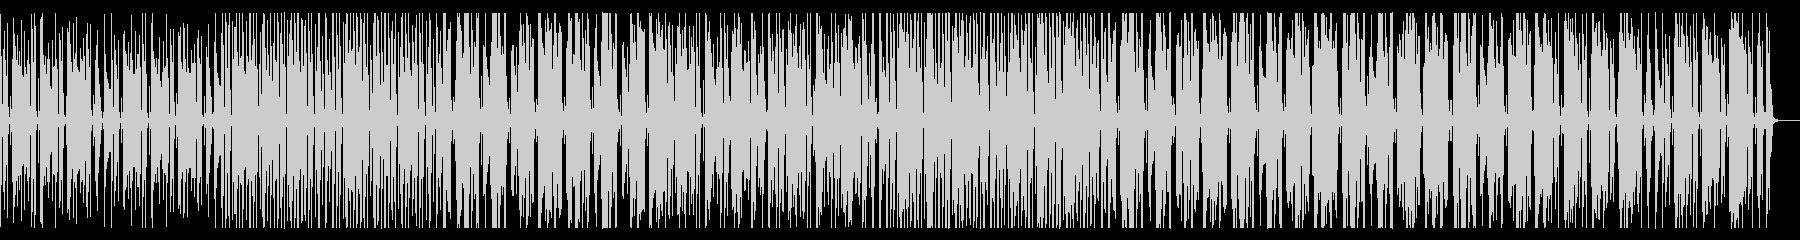 オールドスクール風ヒップホップの未再生の波形